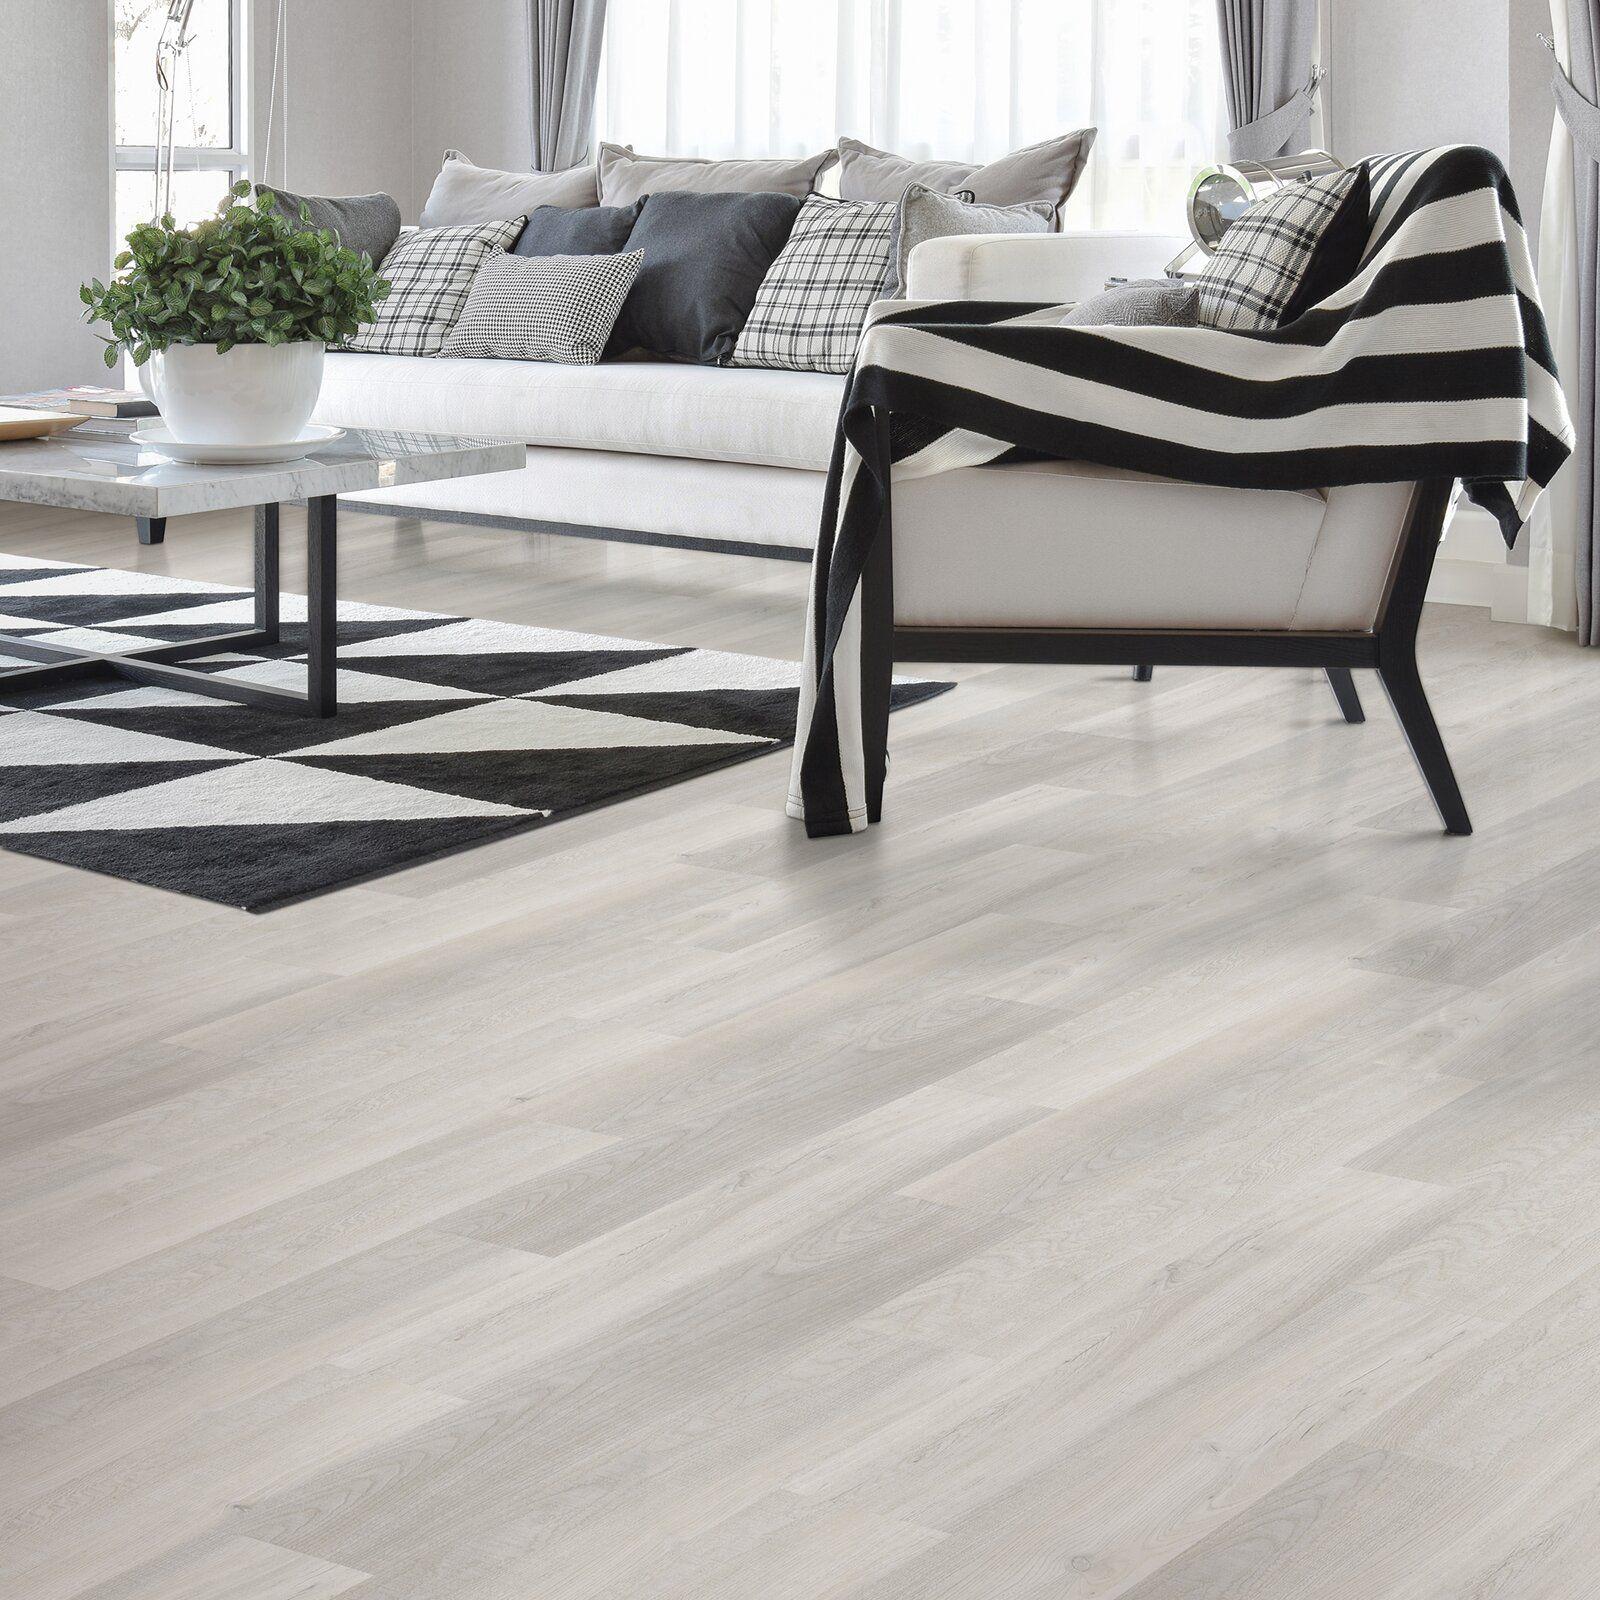 Luxury vinyl plank flooring image by Jane Norris Winton on